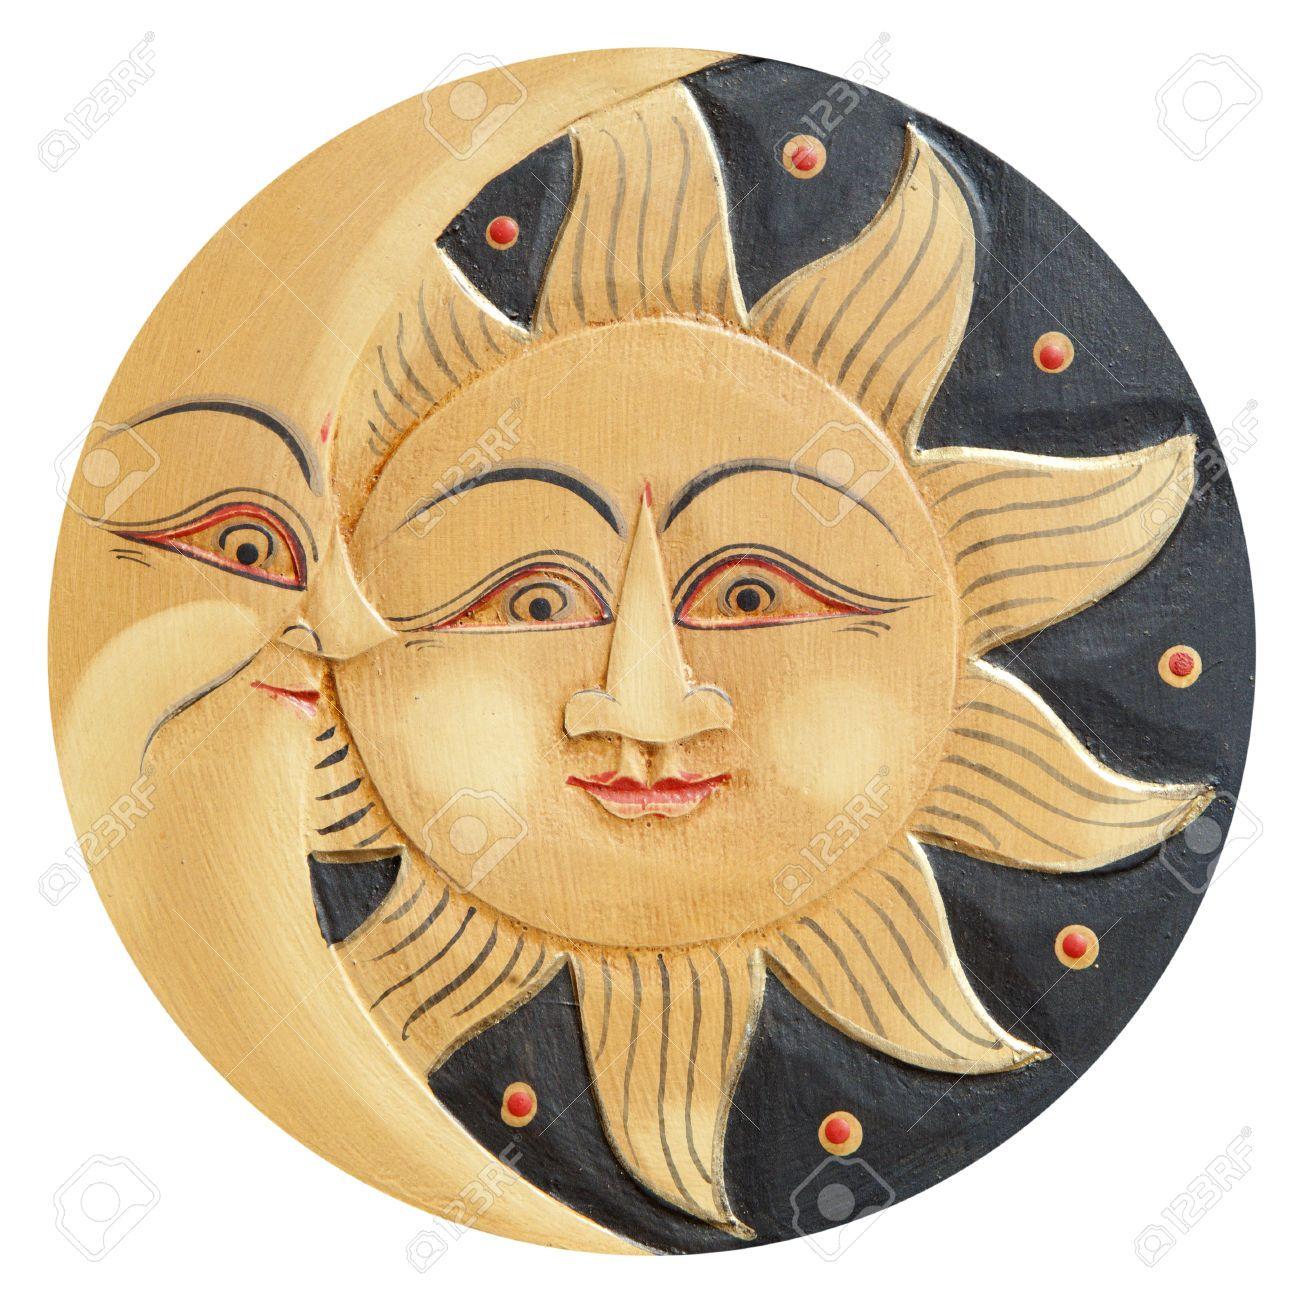 Sol y luna perfiles, antigua de madera tallada, aislado en un